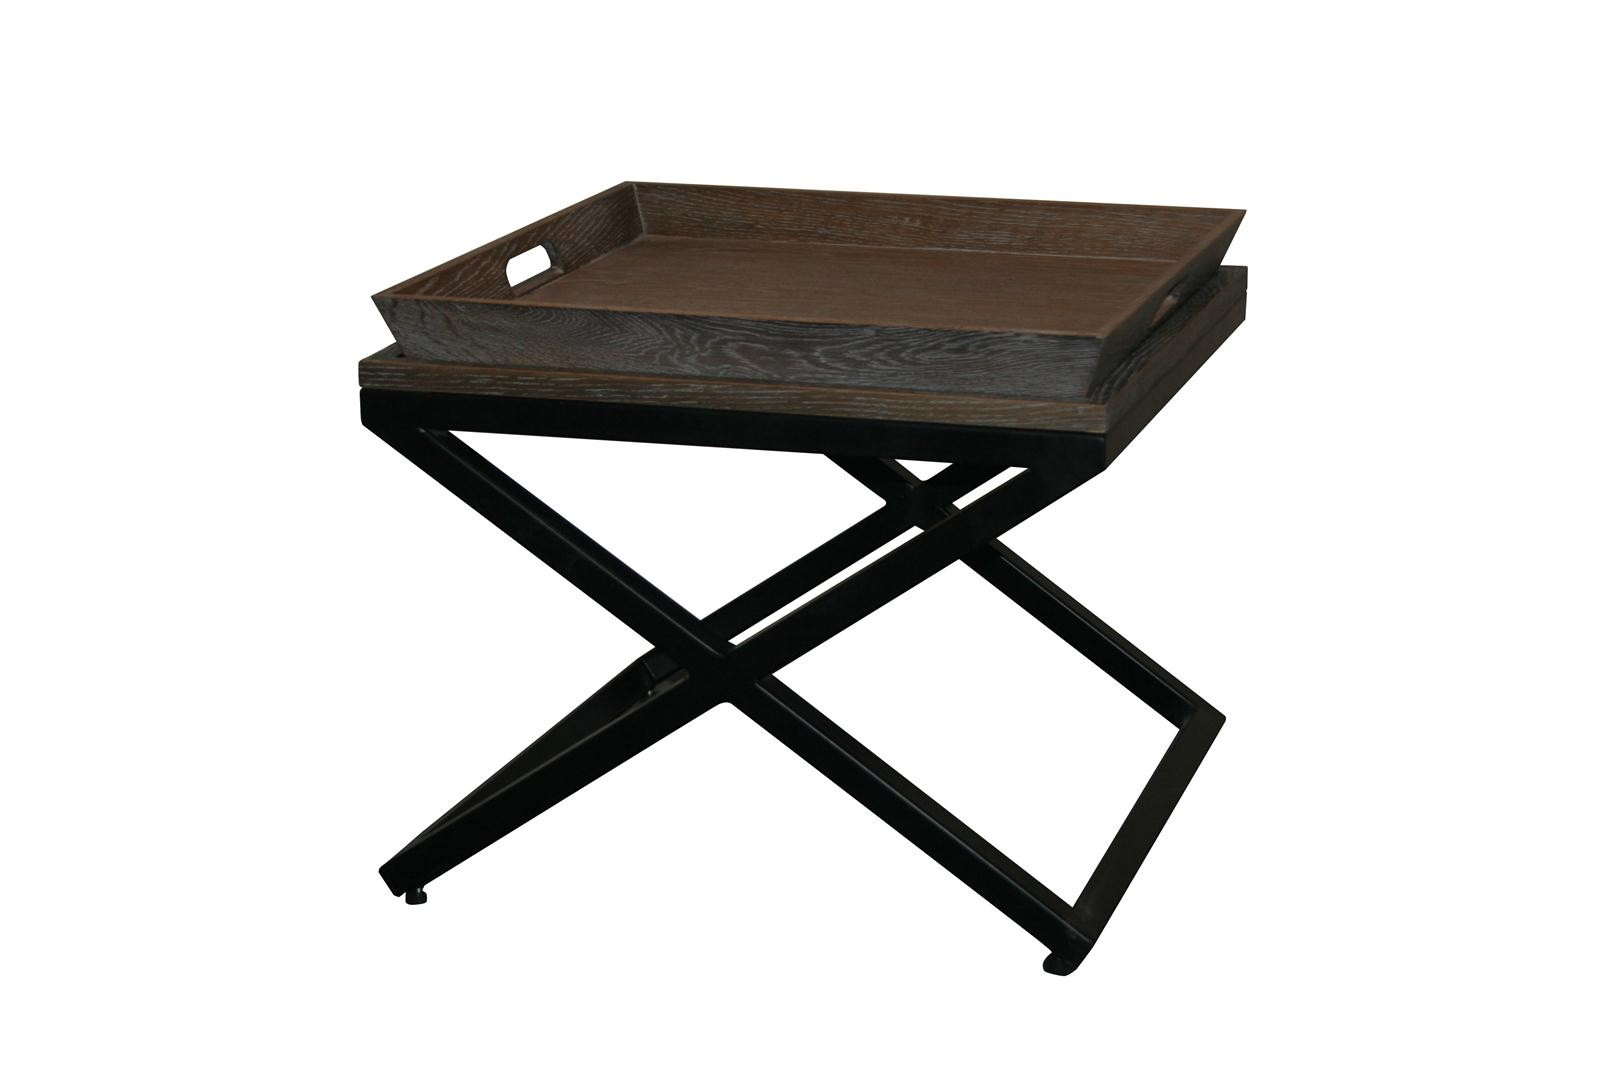 bout de canap malaga. Black Bedroom Furniture Sets. Home Design Ideas